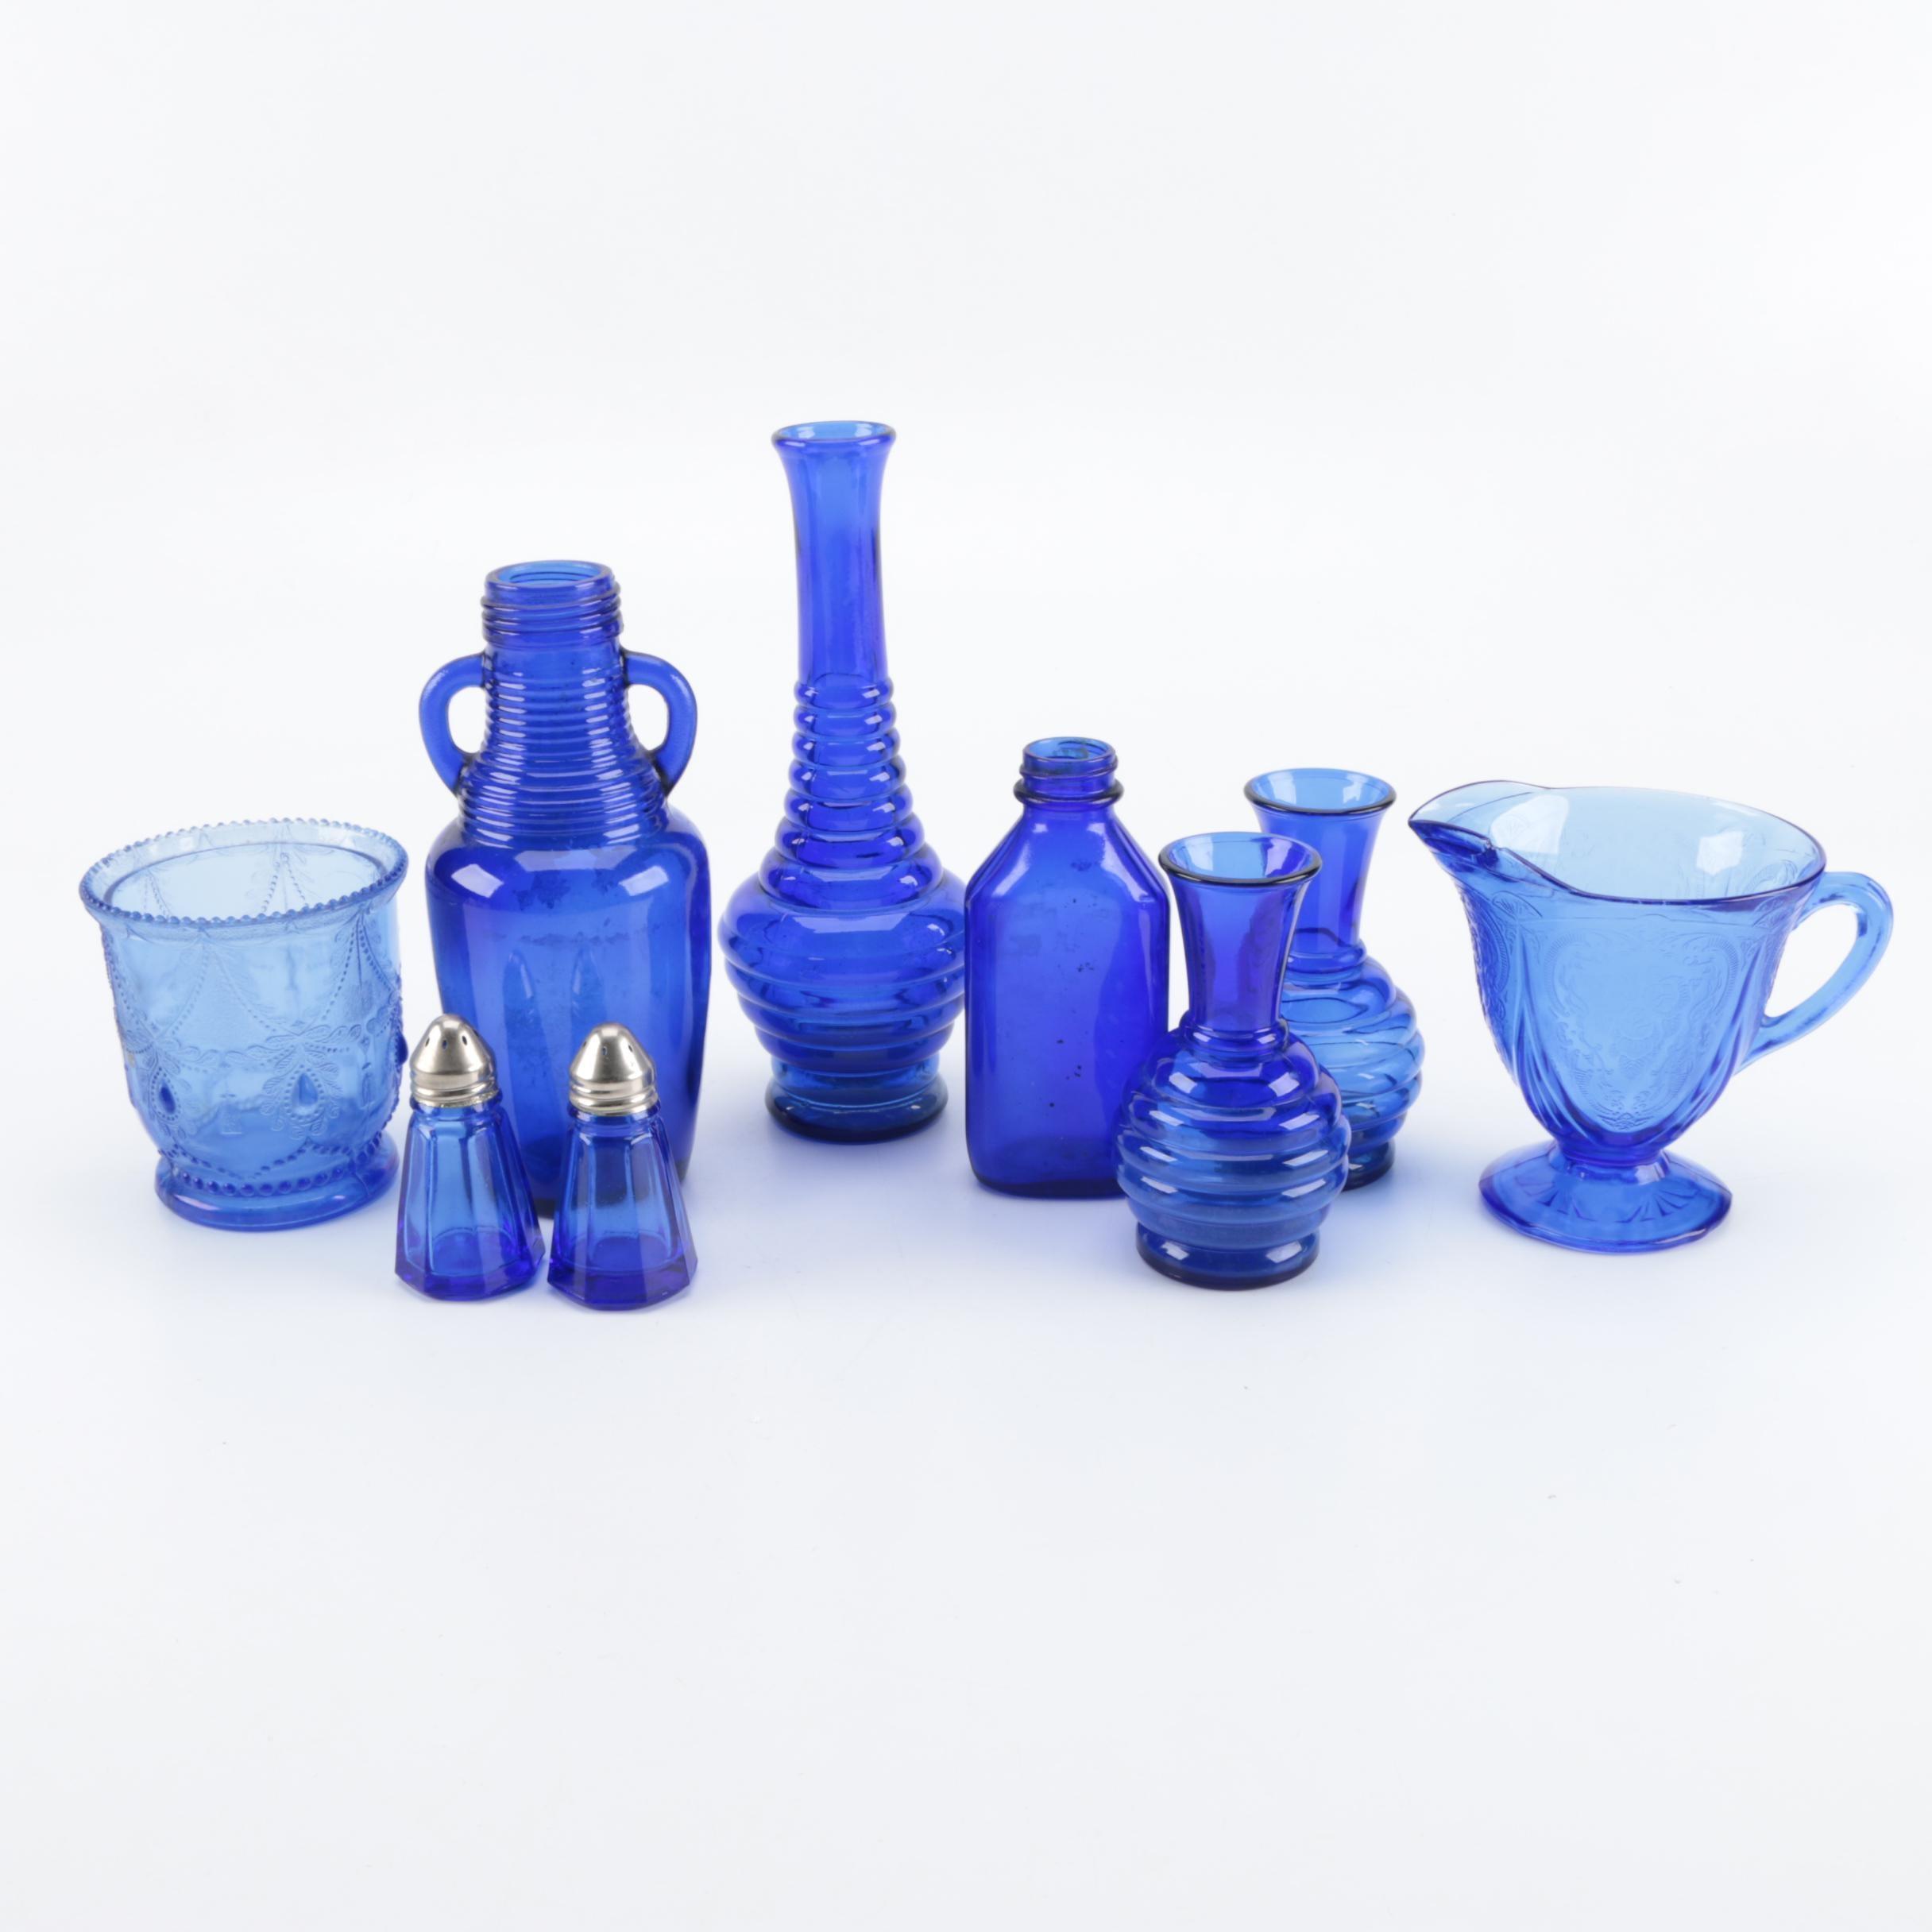 Blue Glass Serveware and Décor Including Hazel Atlas